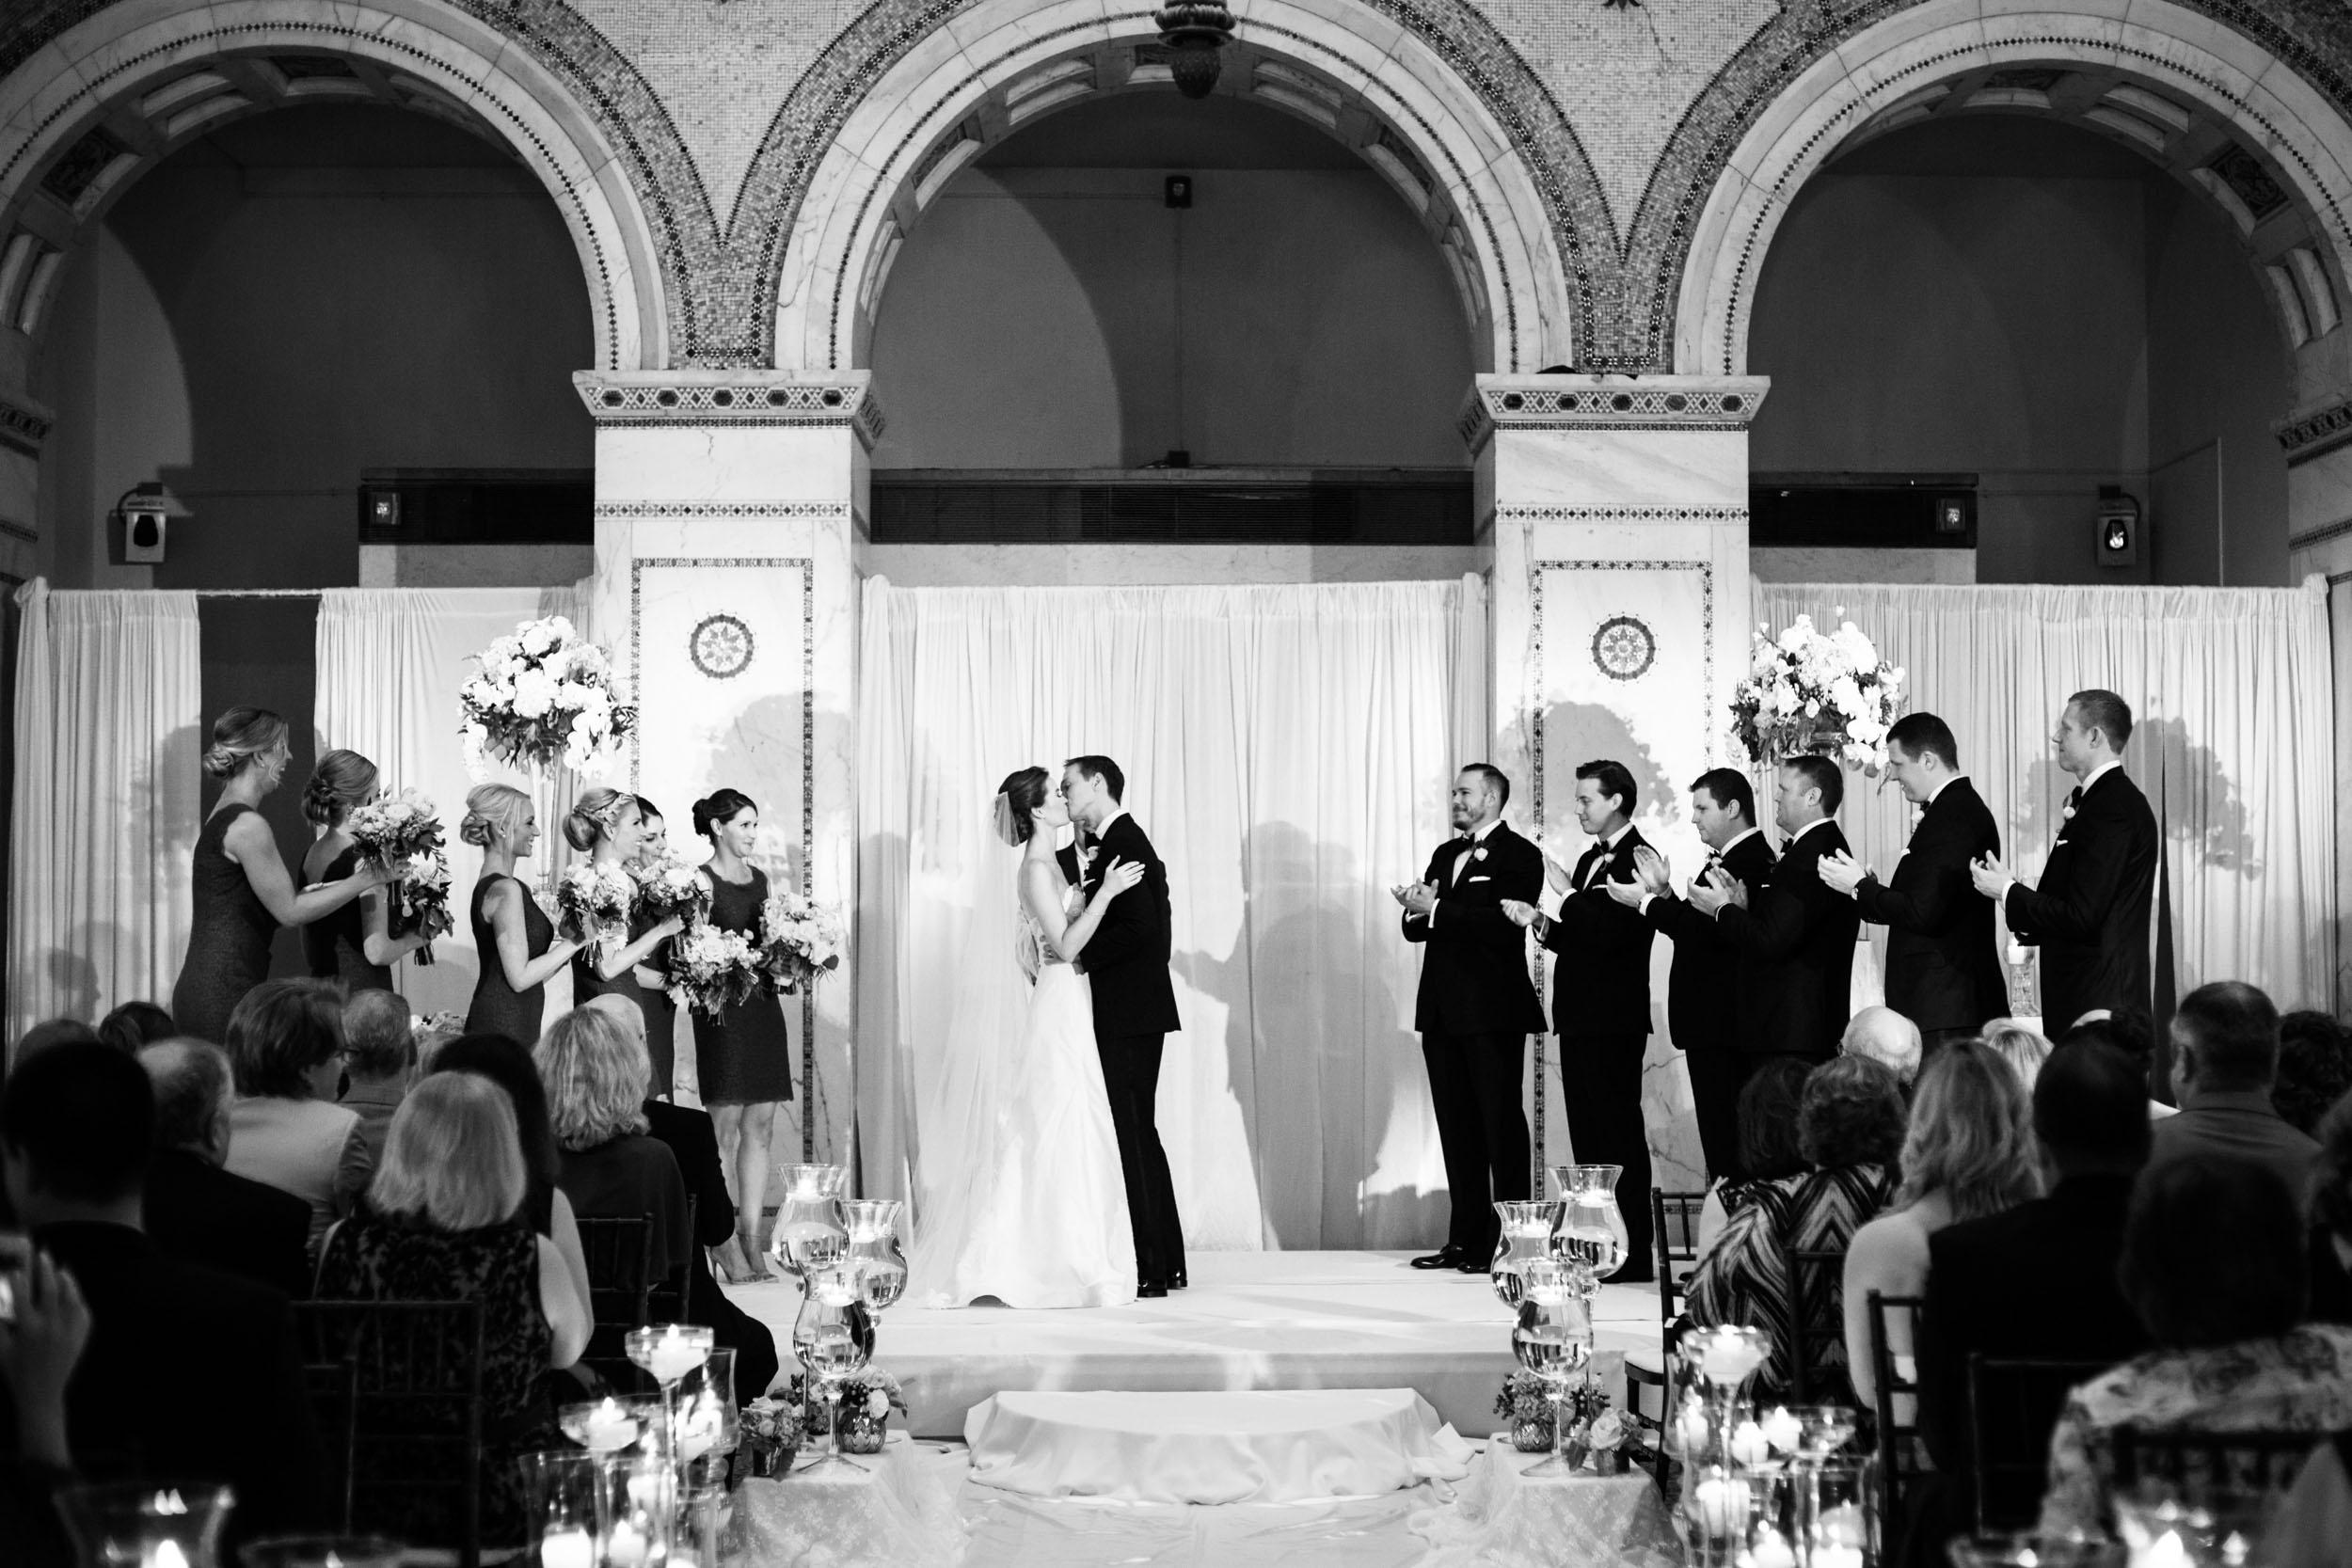 chicago-wedding-photos-studio-this-is-jack-schroeder-23.jpg